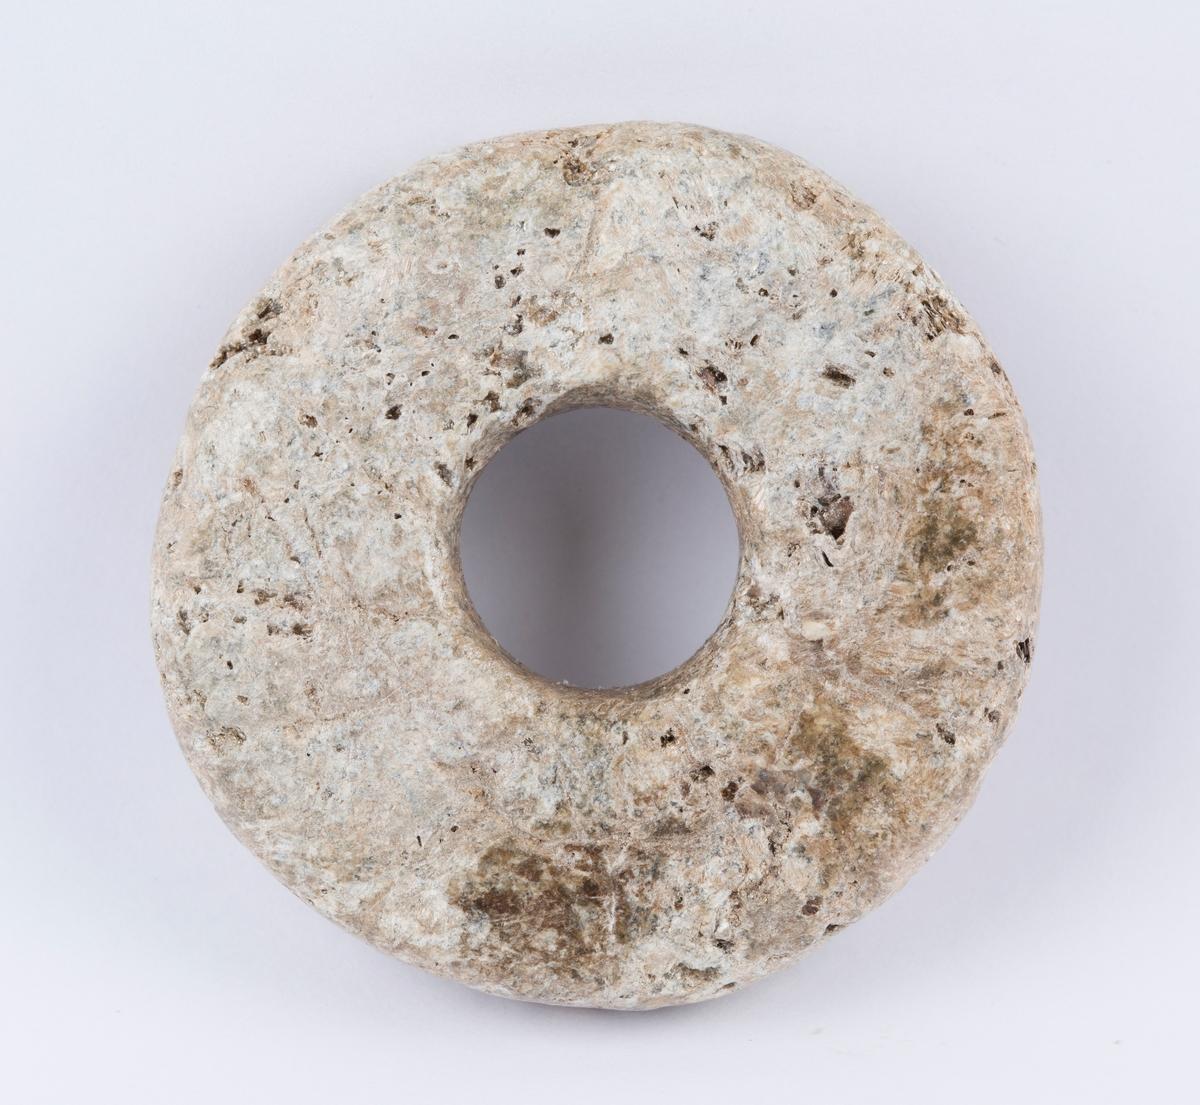 Snellehjul til håndtein med ukjent funnsted. Kan stamme fra middelalderen.